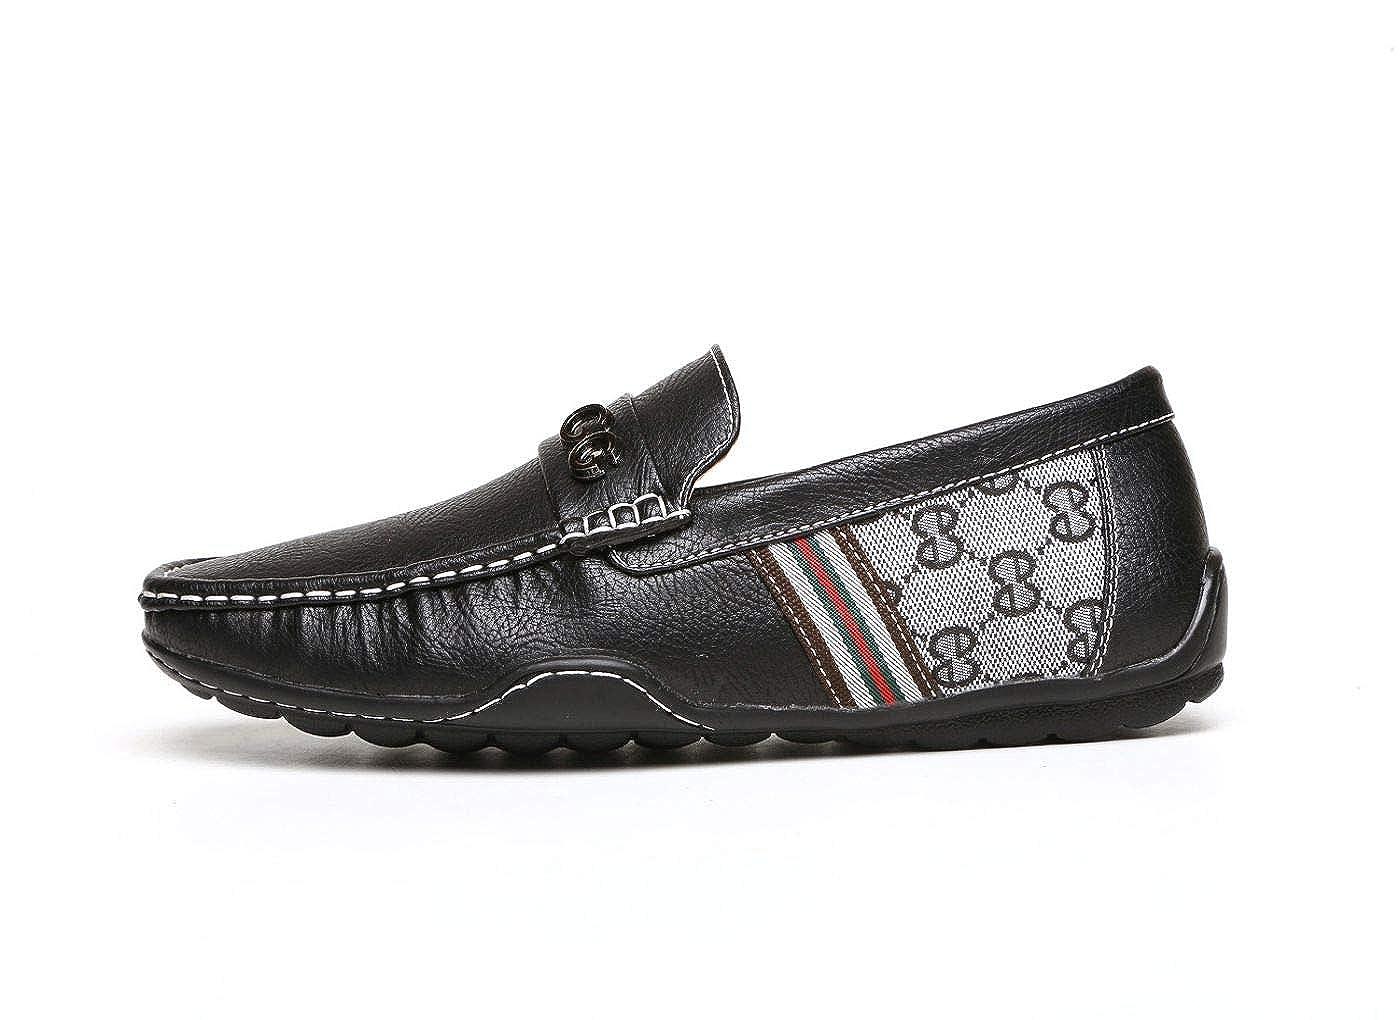 Hombre Negro Marrón GG Diseñador Sin Cordones Casual Verano Mocasines Conducción Moda zapatos núm. RU